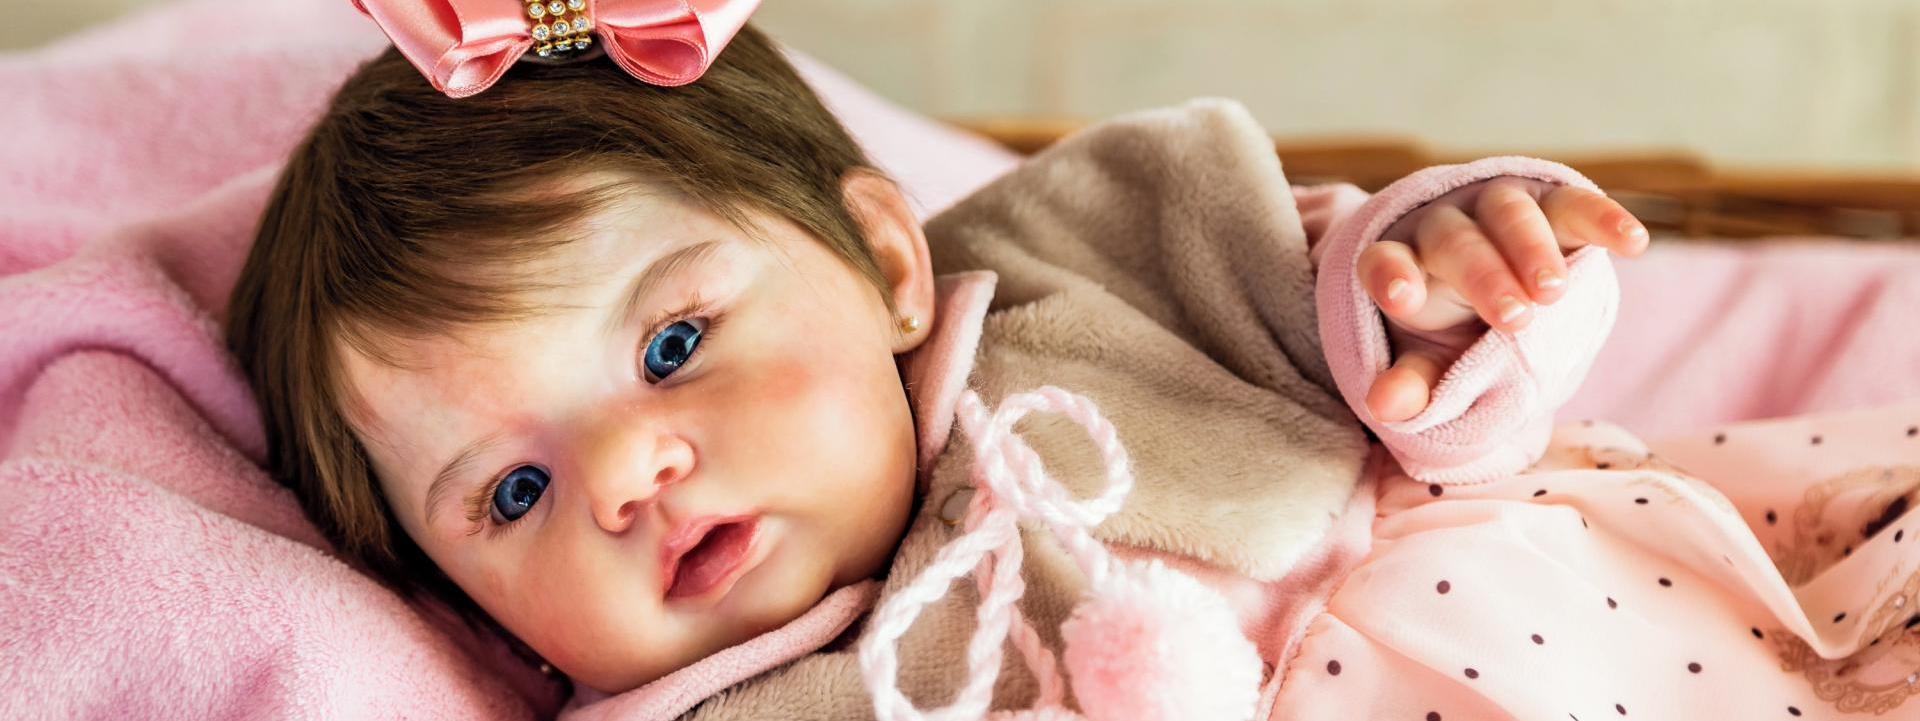 ¿Cómo es una muñeca Reborn con cuerpo de tela?